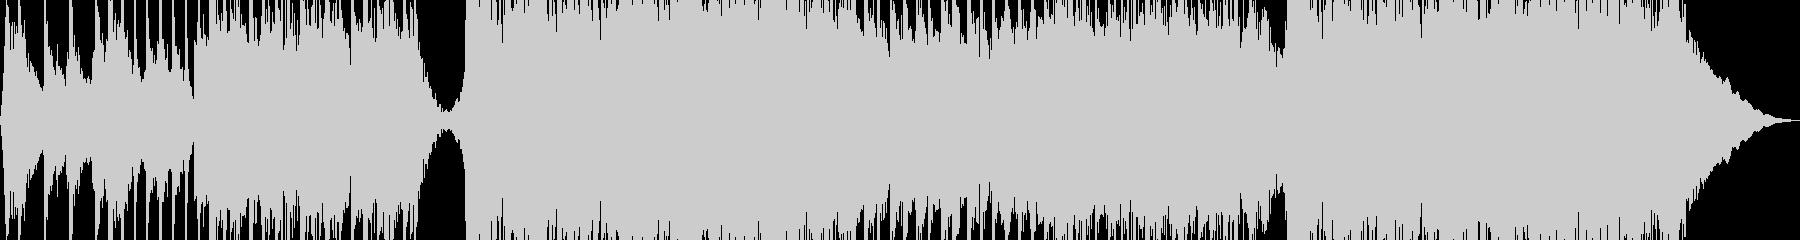 超スタイリッシュなロックの未再生の波形